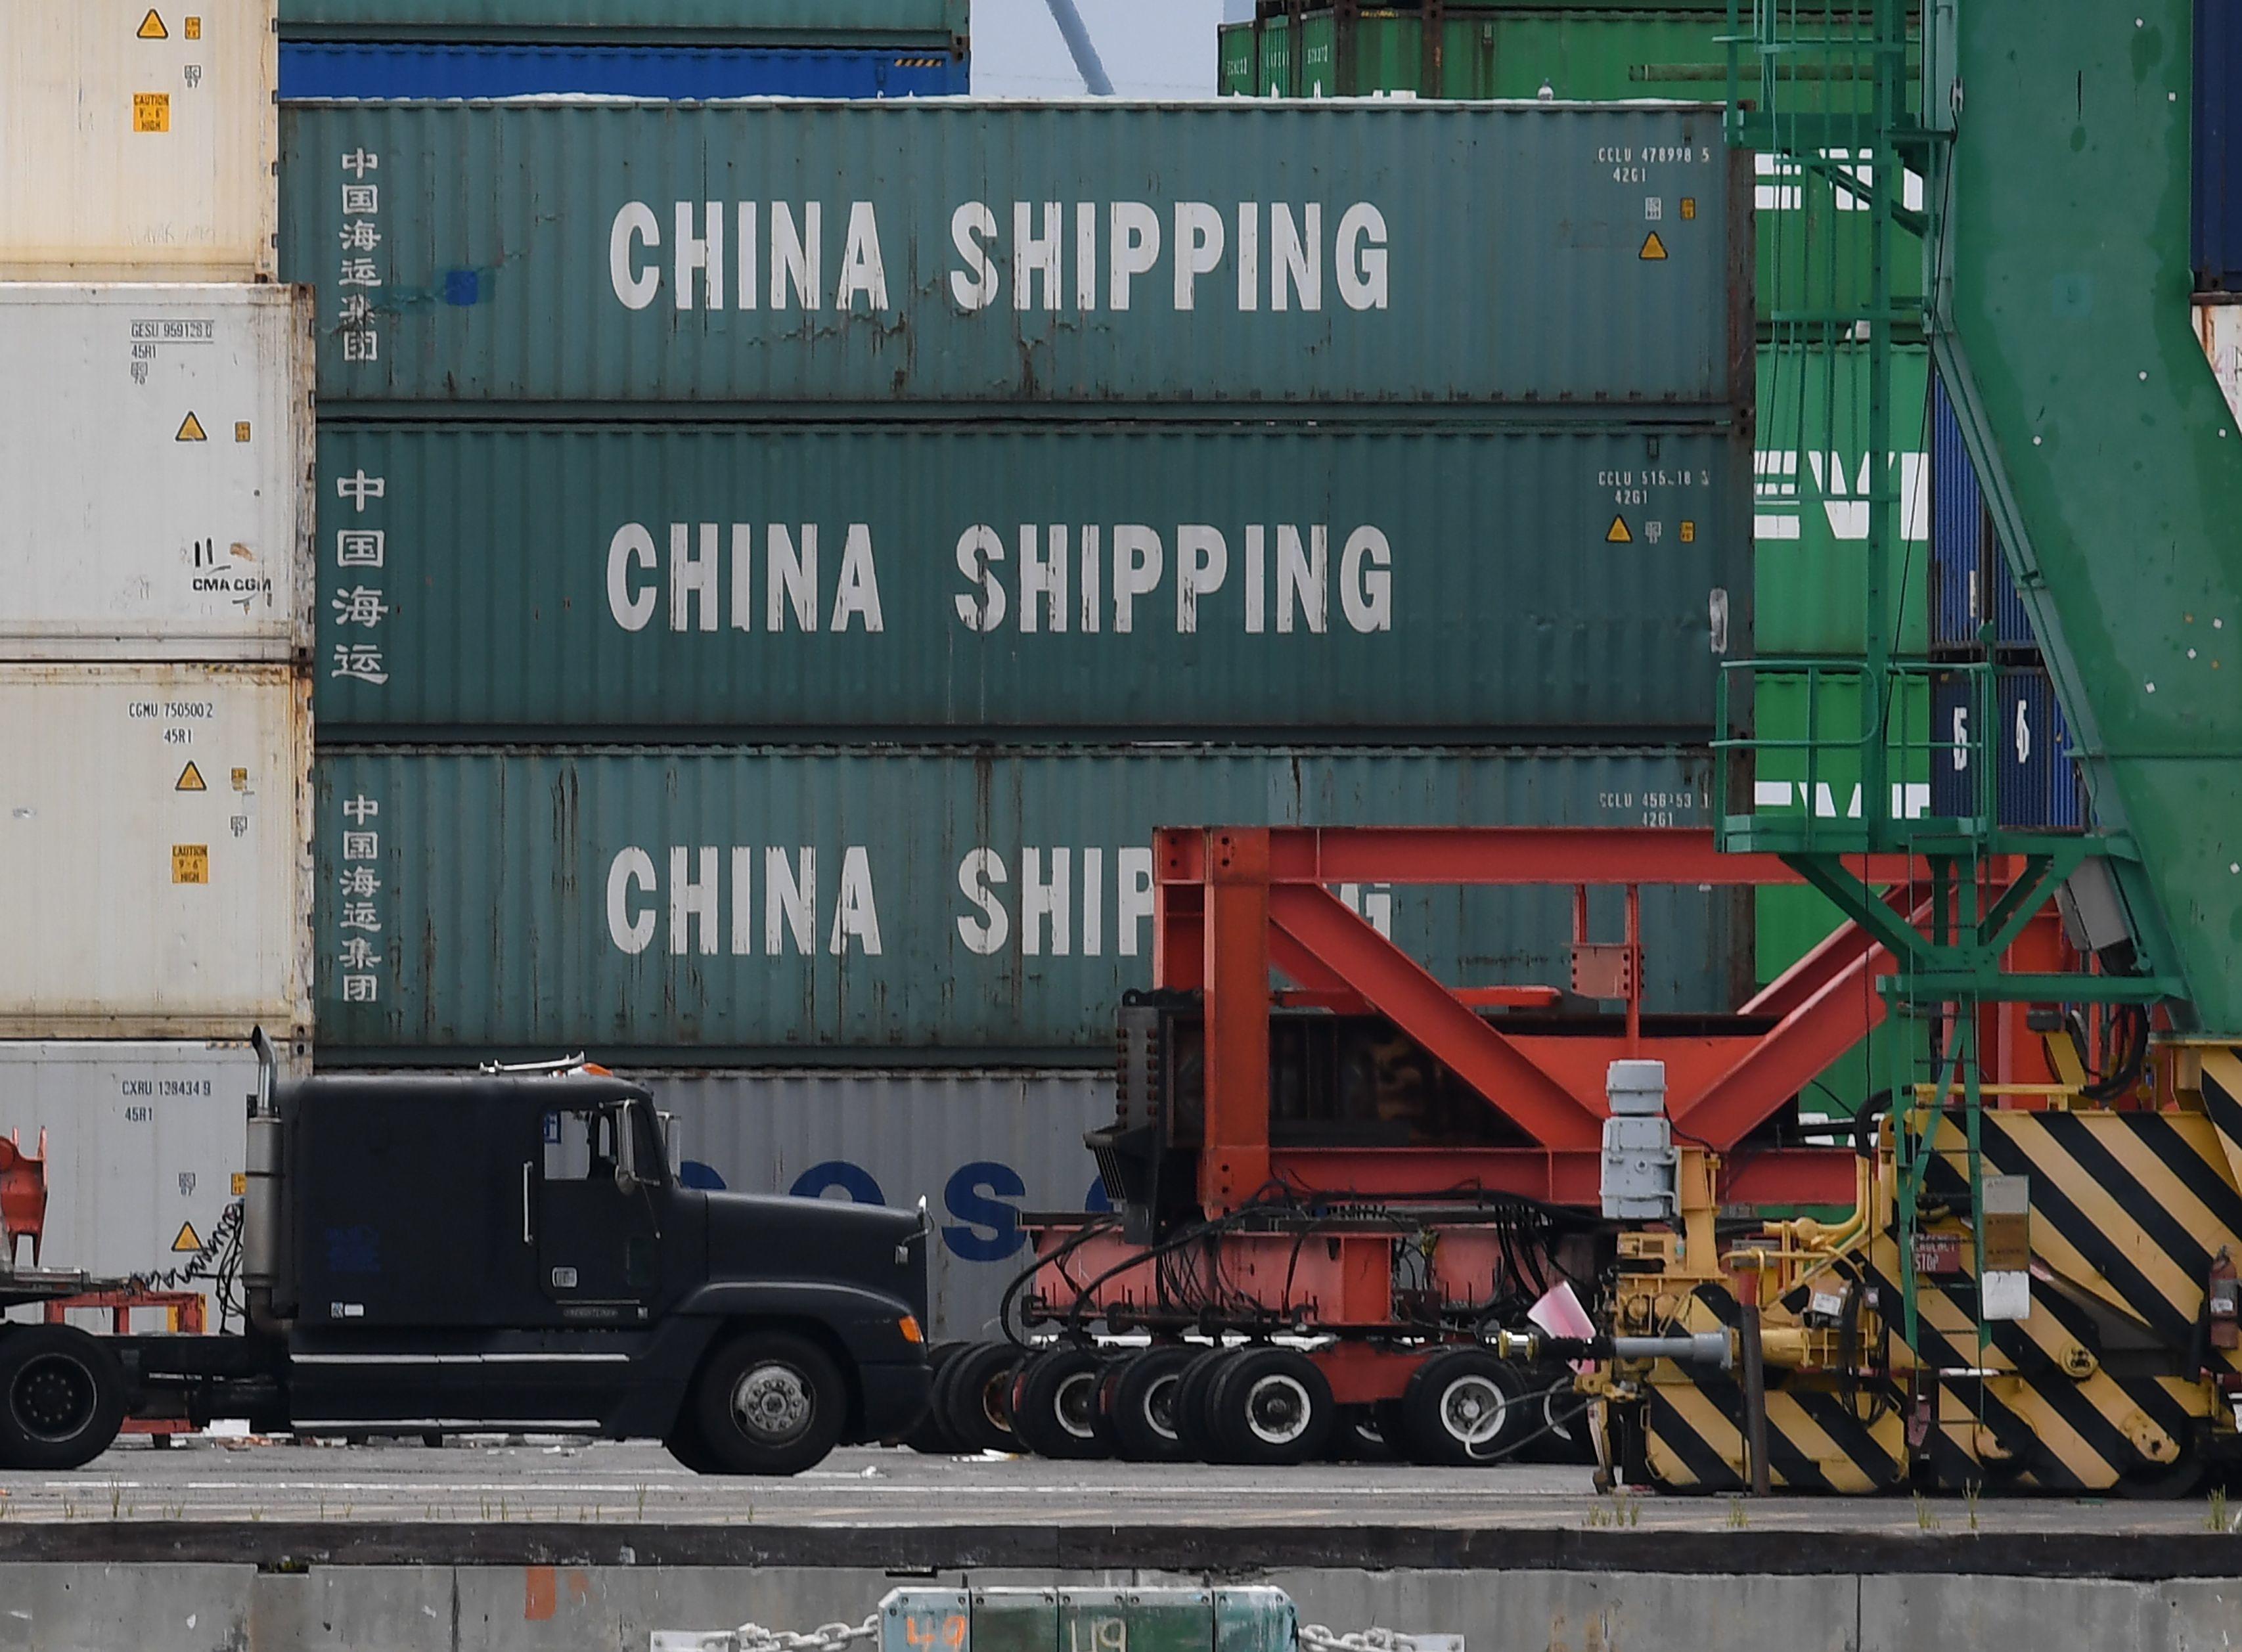 Vận tải container đường biển mang lại lợi nhuận kỷ lục trong đại dịch